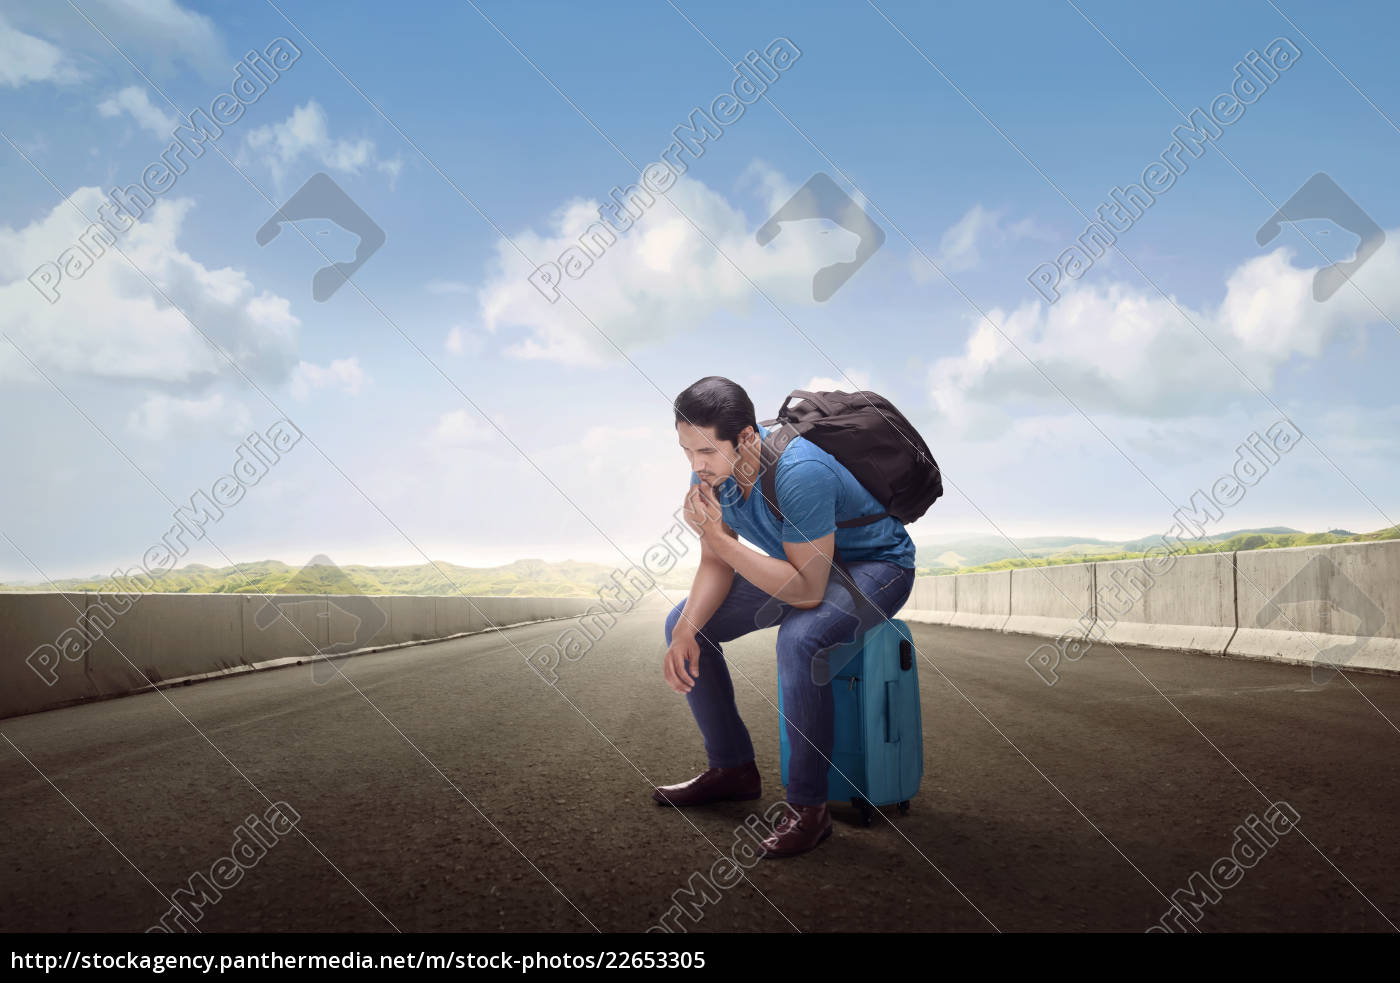 traveler, asian, man, sitting, on, suitcase - 22653305